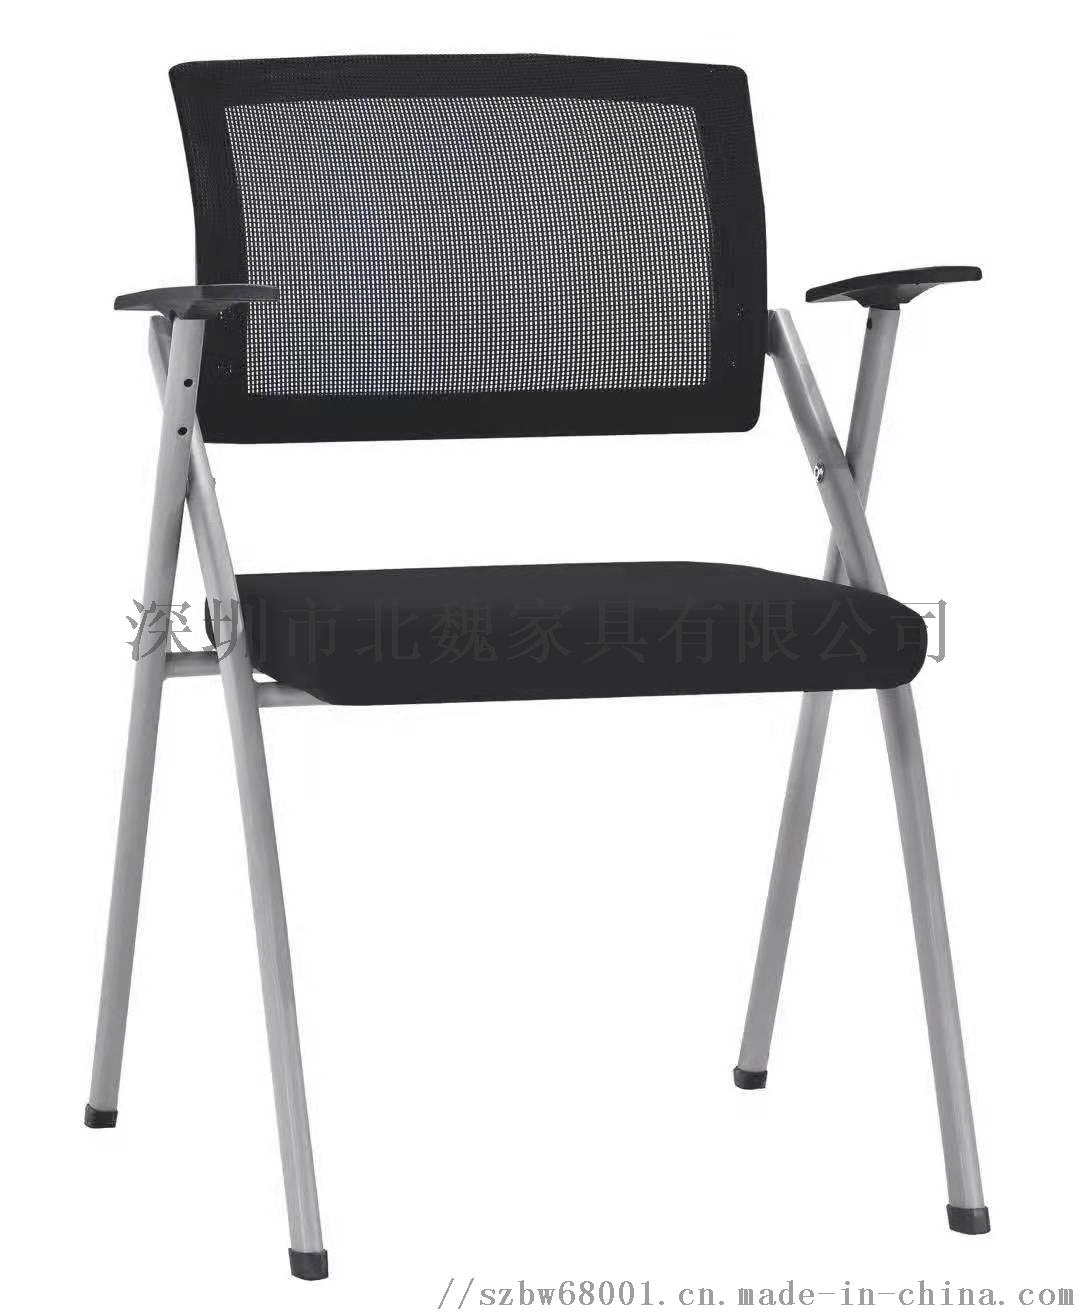 智慧学习桌椅-互动课堂桌椅-培训桌学习桌122959185